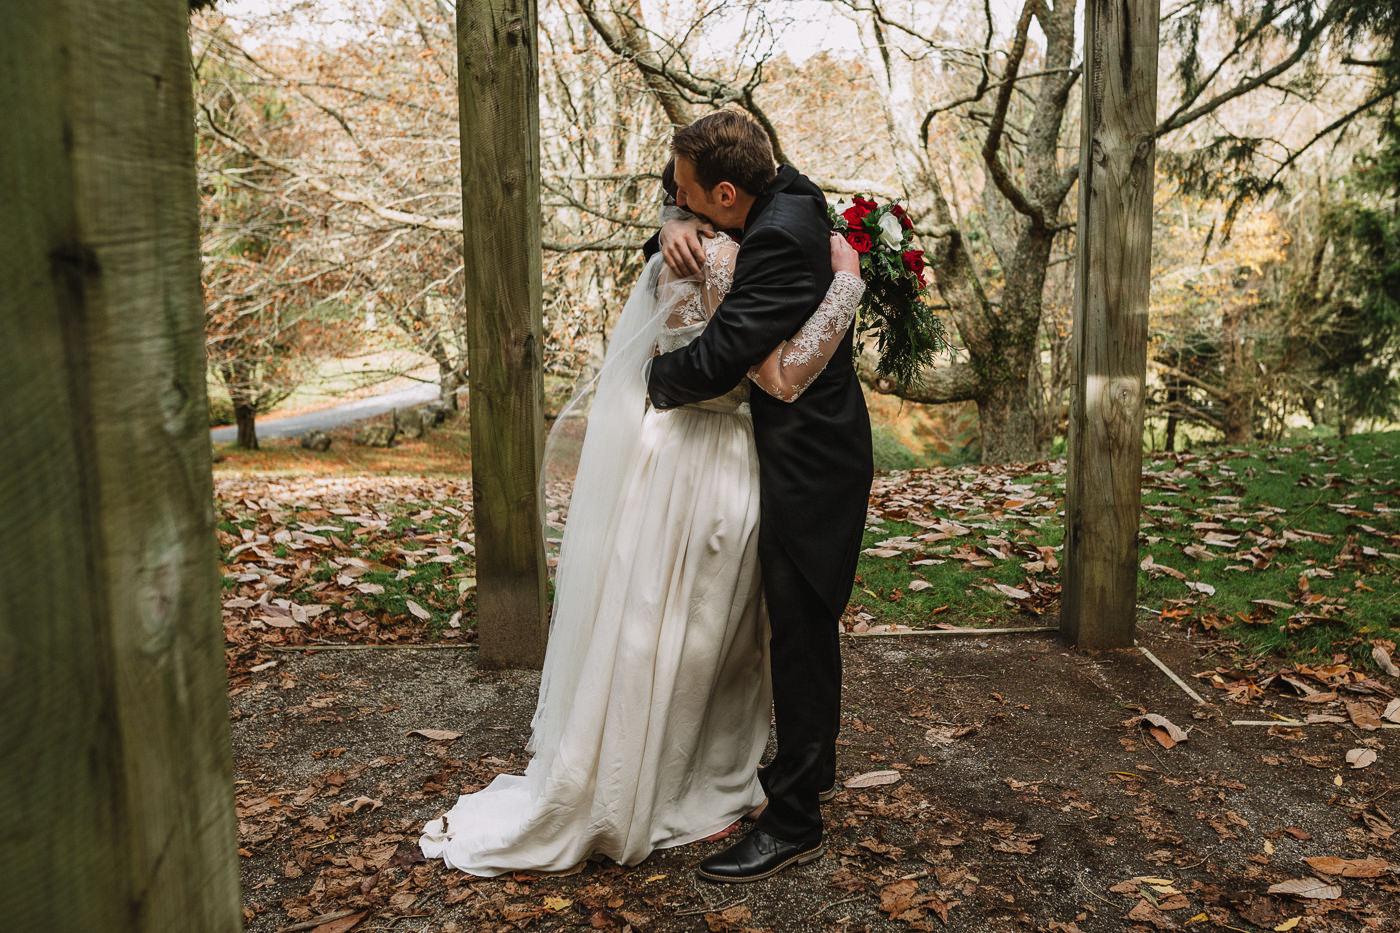 wedding_photographers_tauranga-1043.jpg